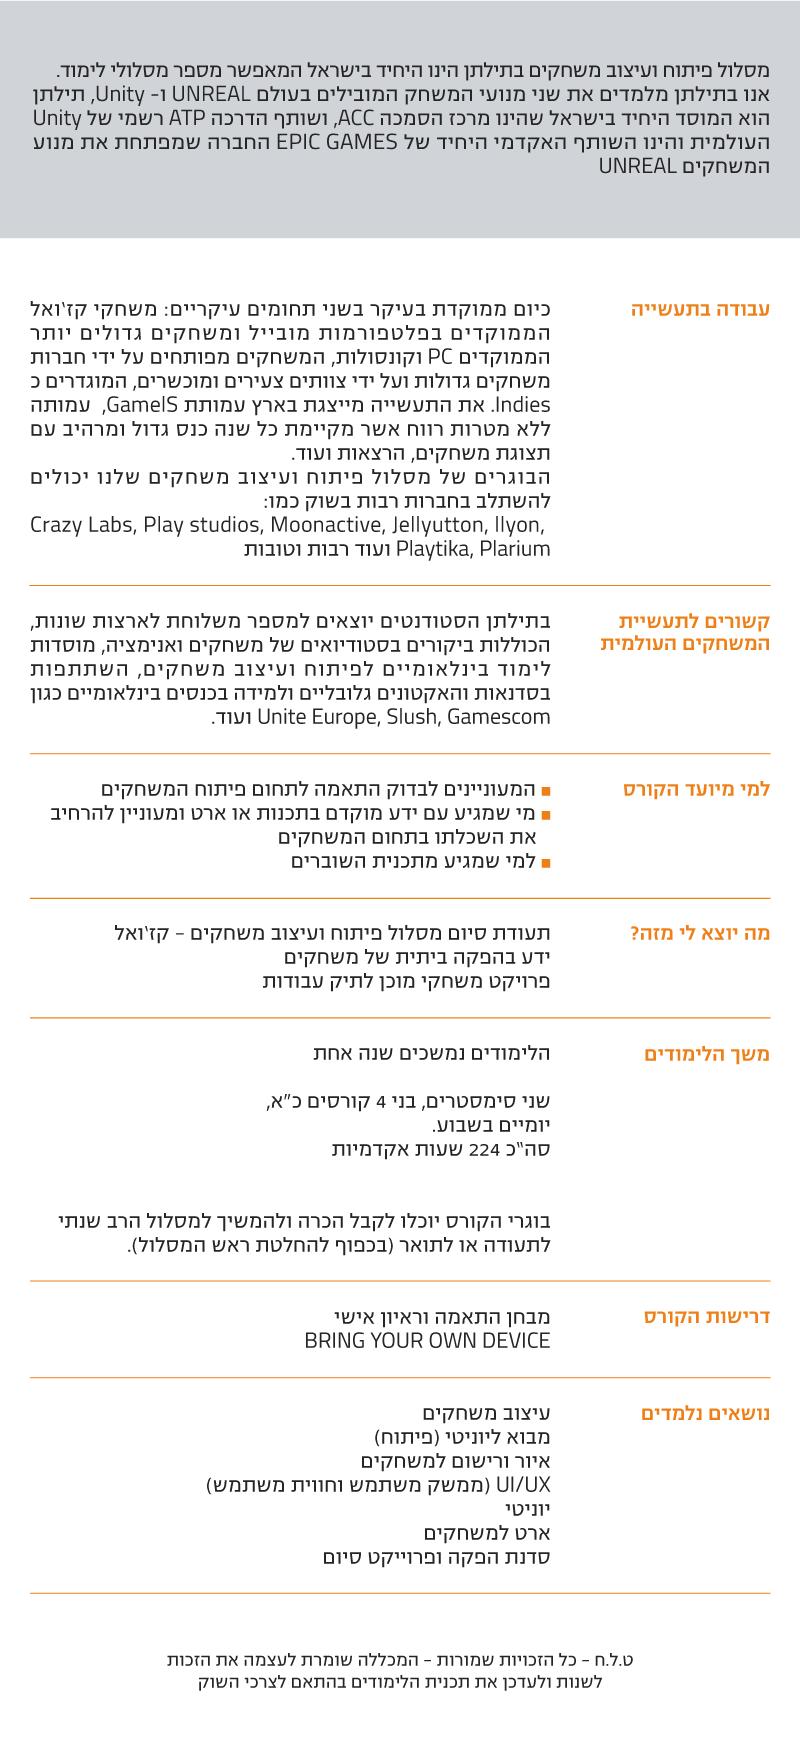 """מסלול פיתוח ועיצוב משחקים - קז'ואל  מסלול פיתוח ועיצוב משחקים בתילתן הינו היחיד בישראל המאפשר מספר מסלולי לימוד. אנו בתילתן מלמדים את שני מנועי המשחק המובילים בעולם UNREAL ו- Unity, תילתן הוא המוסד היחיד בישראל שהינו מרכז הסמכה ACC, ושותף הדרכה ATP רשמי של Unity העולמית והינו השותף האקדמי היחיד של EPIC GAMES החברה שמפתחת את מנוע המשחקים UNREAL  עבודה בתעשיה  כיום ממוקדת בעיקר בשני תחומים עיקריים: משחקי קז'ואל הממוקדים בפלטפורמות מובייל ומשחקים גדולים יותר הממוקדים PC וקונסולות, המשחקים מפותחים על ידי חברות משחקים גדולות ועל ידי צוותים צעירים ומוכשרים, המוגדרים כ Indies. את התעשייה מייצגת בארץ עמותת GamelS,  עמותה ללא מטרות רווח אשר מקיימת כל שנה כנס גדול ומרהיב עם תצוגת משחקים, הרצאות ועוד. הבוגרים של מסלול פיתוח ועיצוב משחקים שלנו יכולים להשתלב בחברות רבות בשוק כמו:  Crazy Labs, Play studios, Moonactive, Jellyutton, llyon, Playtika, Plarium ועוד רבות וטובות  קשורים לתעשיית המשחקים העולמית  בתילתן הסטודנטים יוצאים למספר משלוחת לארצות שונות, הכוללות ביקורים בסטודיואים של משחקים ואנימציה, מוסדות לימוד בינלאומיים לפיתוח ועיצוב משחקים, השתתפות בסדנאות והאקטונים גלובליים ולמידה בכנסים בינלאומיים כגון Unite Europe, Slush, Gamescom ועוד.  למי מיועד הקורס  ˆ המעוניינים לבדוק התאמה לתחום פיתוח המשחקים ˆ מי שמגיע עם ידע מוקדם בתכנות או ארט ומעוניין להרחיב  את השכלתו בתחום המשחקים ˆ למי שמגיע מתכנית השוברים  מה יוצא לי מזה?  תעודת סיום מסלול פיתוח ועיצוב משחקים - קז'ואל ידע בהפקה ביתית של משחקים  פרויקט משחקי מוכן לתיק עבודות  משך הלימודים  הלימודים נמשכים שנה אחת   שני סימסטרים, בני 4 קורסים כ""""א,   יומיים בשבוע. סה""""כ 224 שעות אקדמיות   בוגרי הקורס יוכלו לקבל הכרה ולהמשיך למסלול הרב שנתי   לתעודה או לתואר (בכפוף להחלטת ראש המסלול).  דרישות הקורס  מבחן התאמה וראיון אישי BRING YOUR OWN DEVICE  נושאים נלמדים  עיצוב משחקים מבוא ליוניטי (פיתוח) איור ורישום למשחקים UI/UX (ממשק משתמש וחווית משתמש) יוניטי ארט למשחקים סדנת הפקה ופרוייקט סיום   ט.ל.ח - כל הזכויות שמורות - המכללה שומרת לעצמה את הזכות  לשנות ולעדכן את תכנית הלימודים בהתאם לצרכי השוק"""